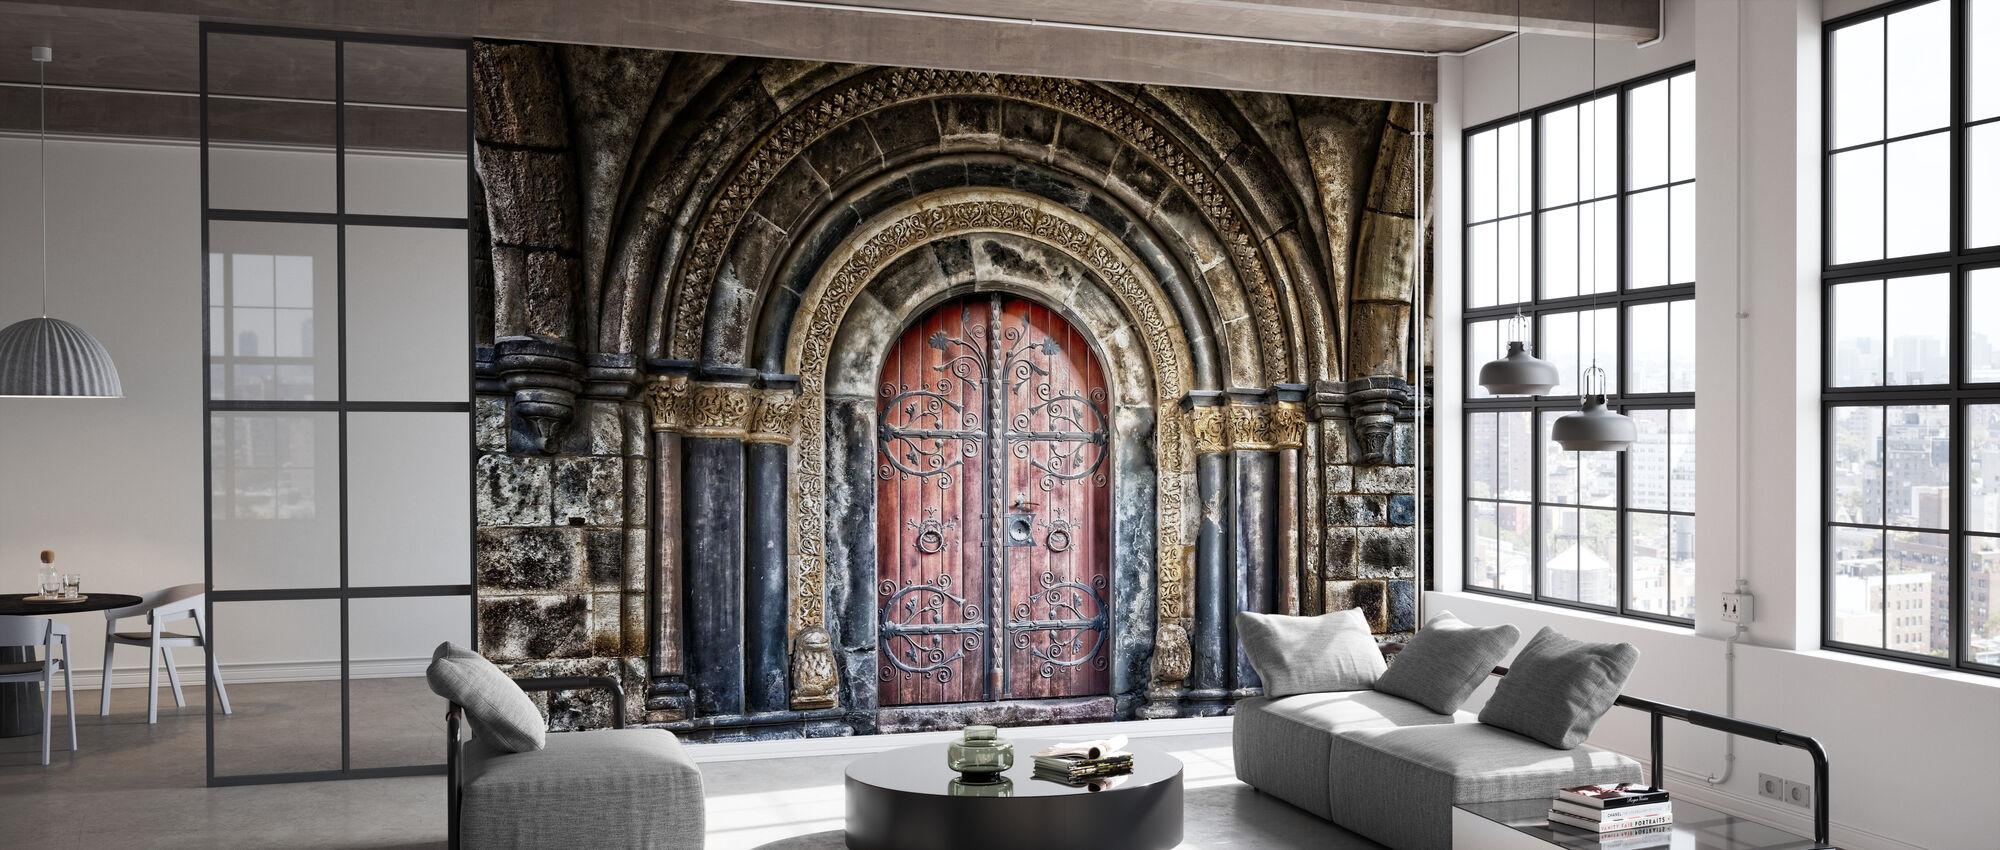 Old Monastery Door - Wallpaper - Office